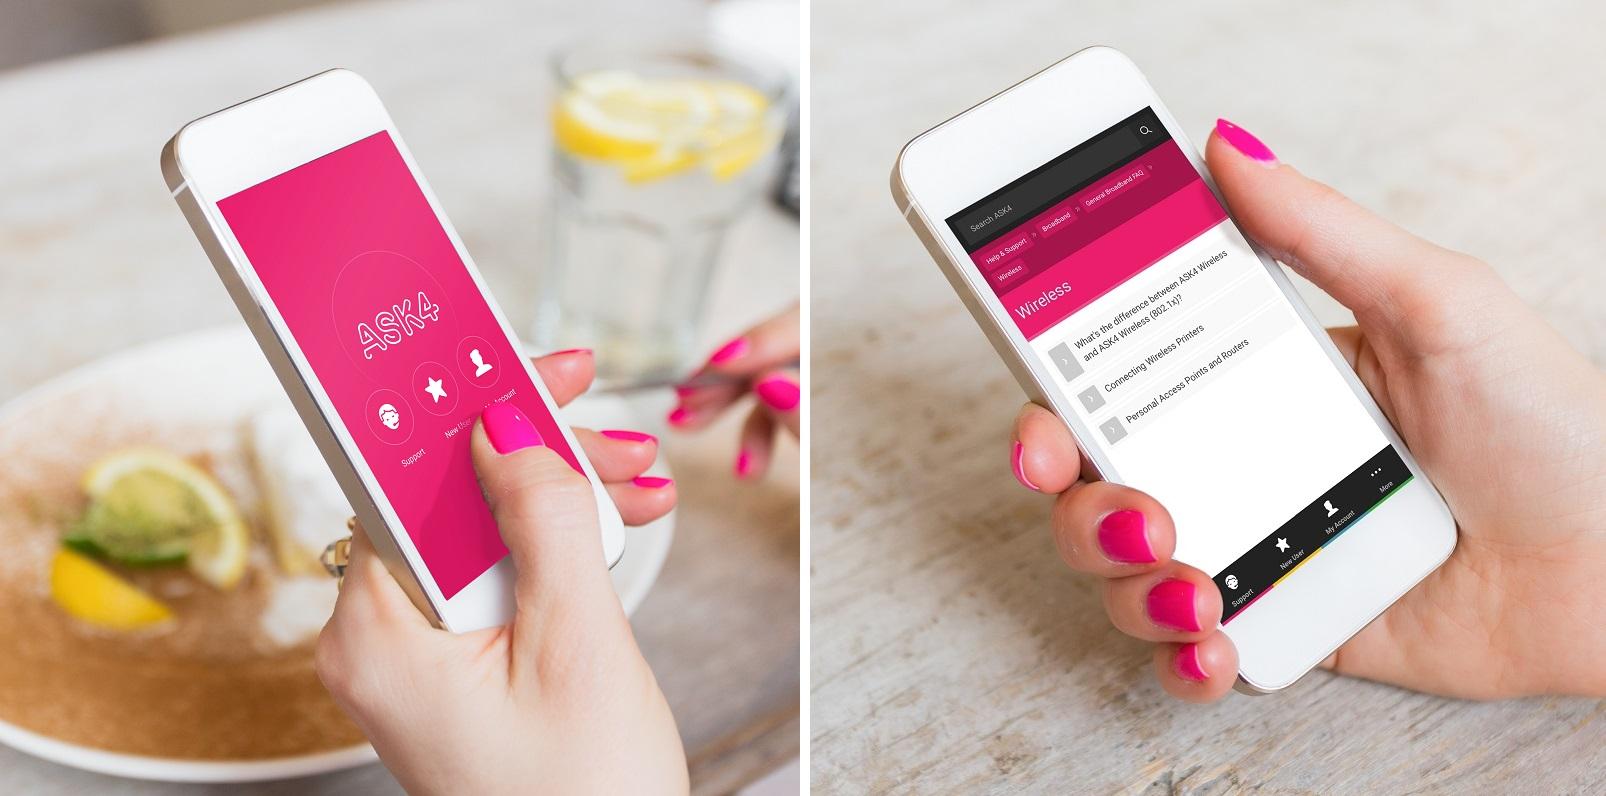 ASK4 App Screens